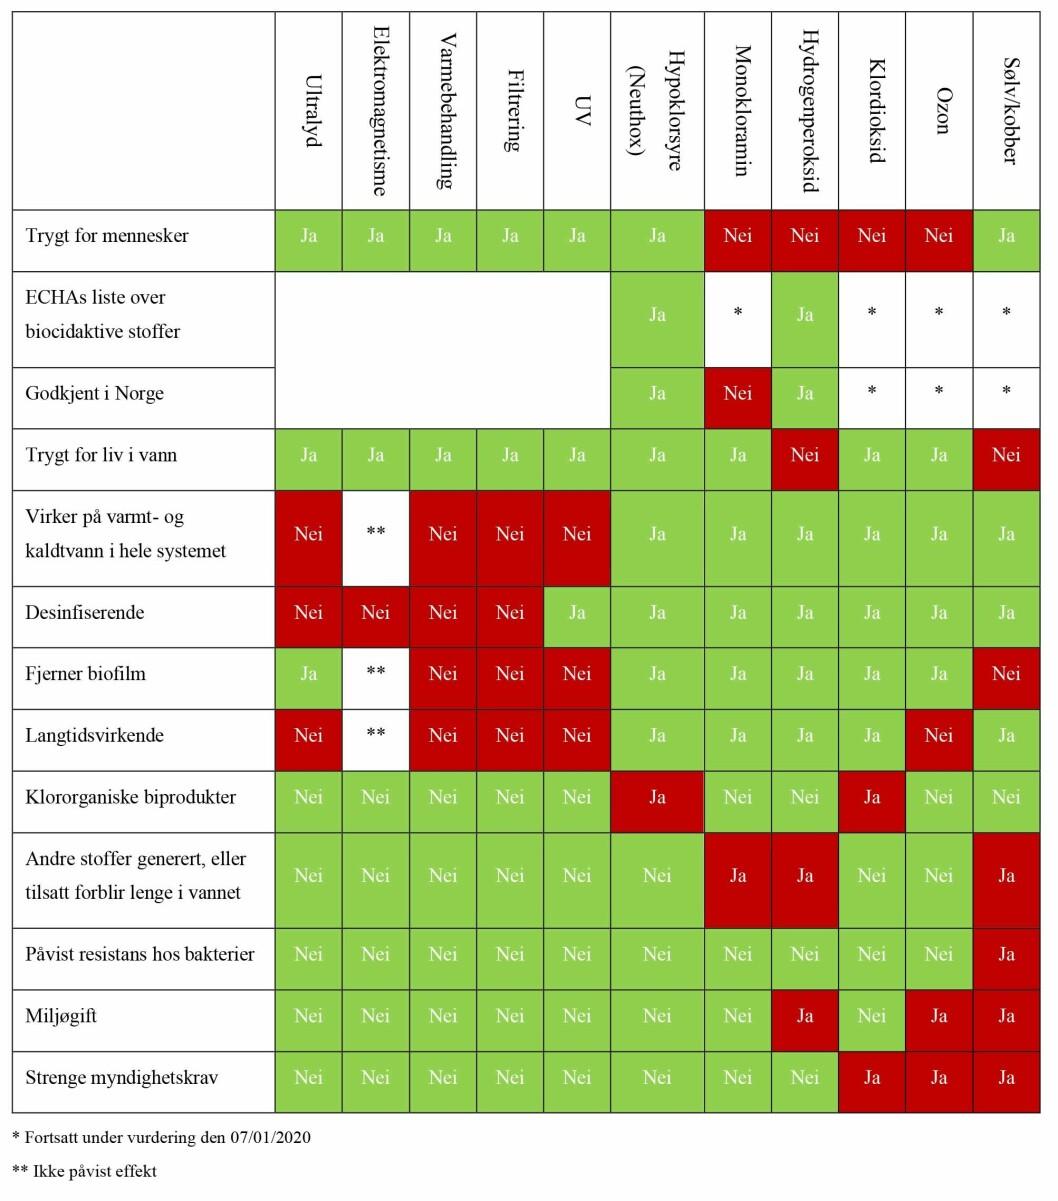 OVERSIKT: En egen tabell gir en detaljert oppstilling av elleve forskjellige metoder mot legionella. Illustrasjon fra rapporten «Legionella og behandlingsmetoder.